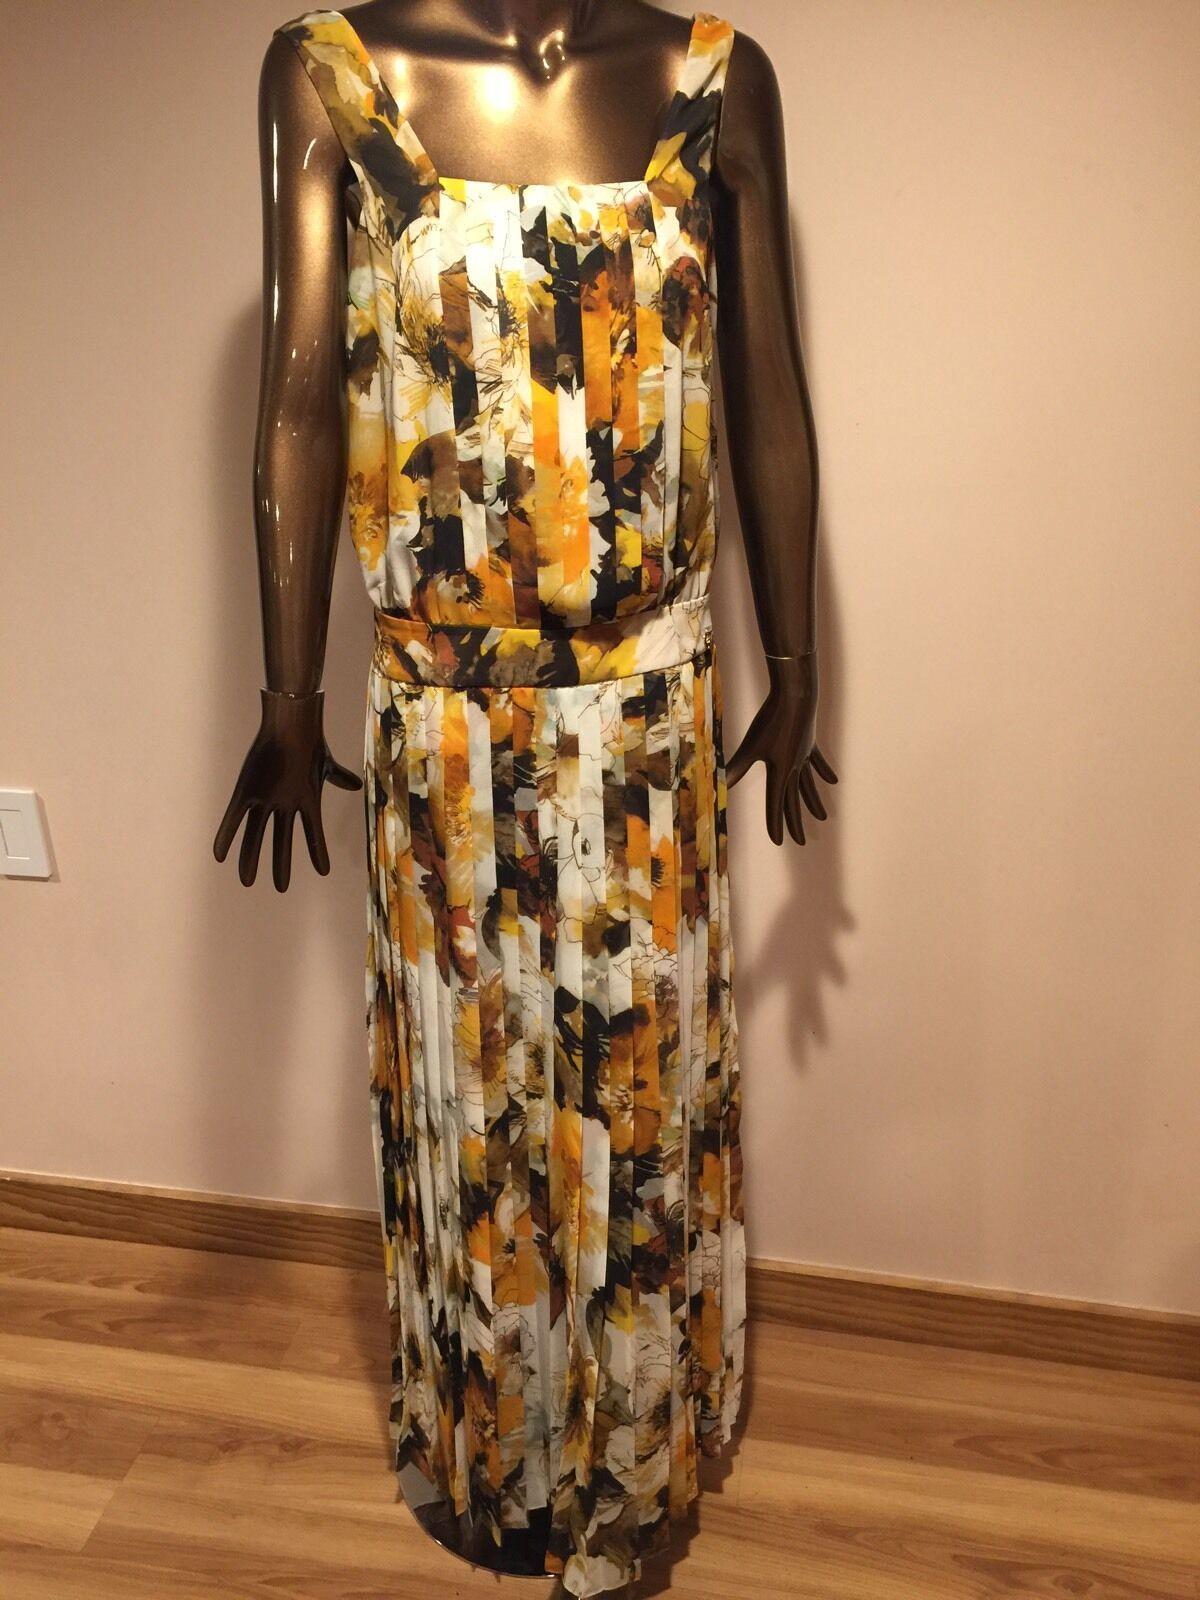 Robe longue plissée imprimé floral par 4 G Gizia neuf sans Original étiquettes Taille 6